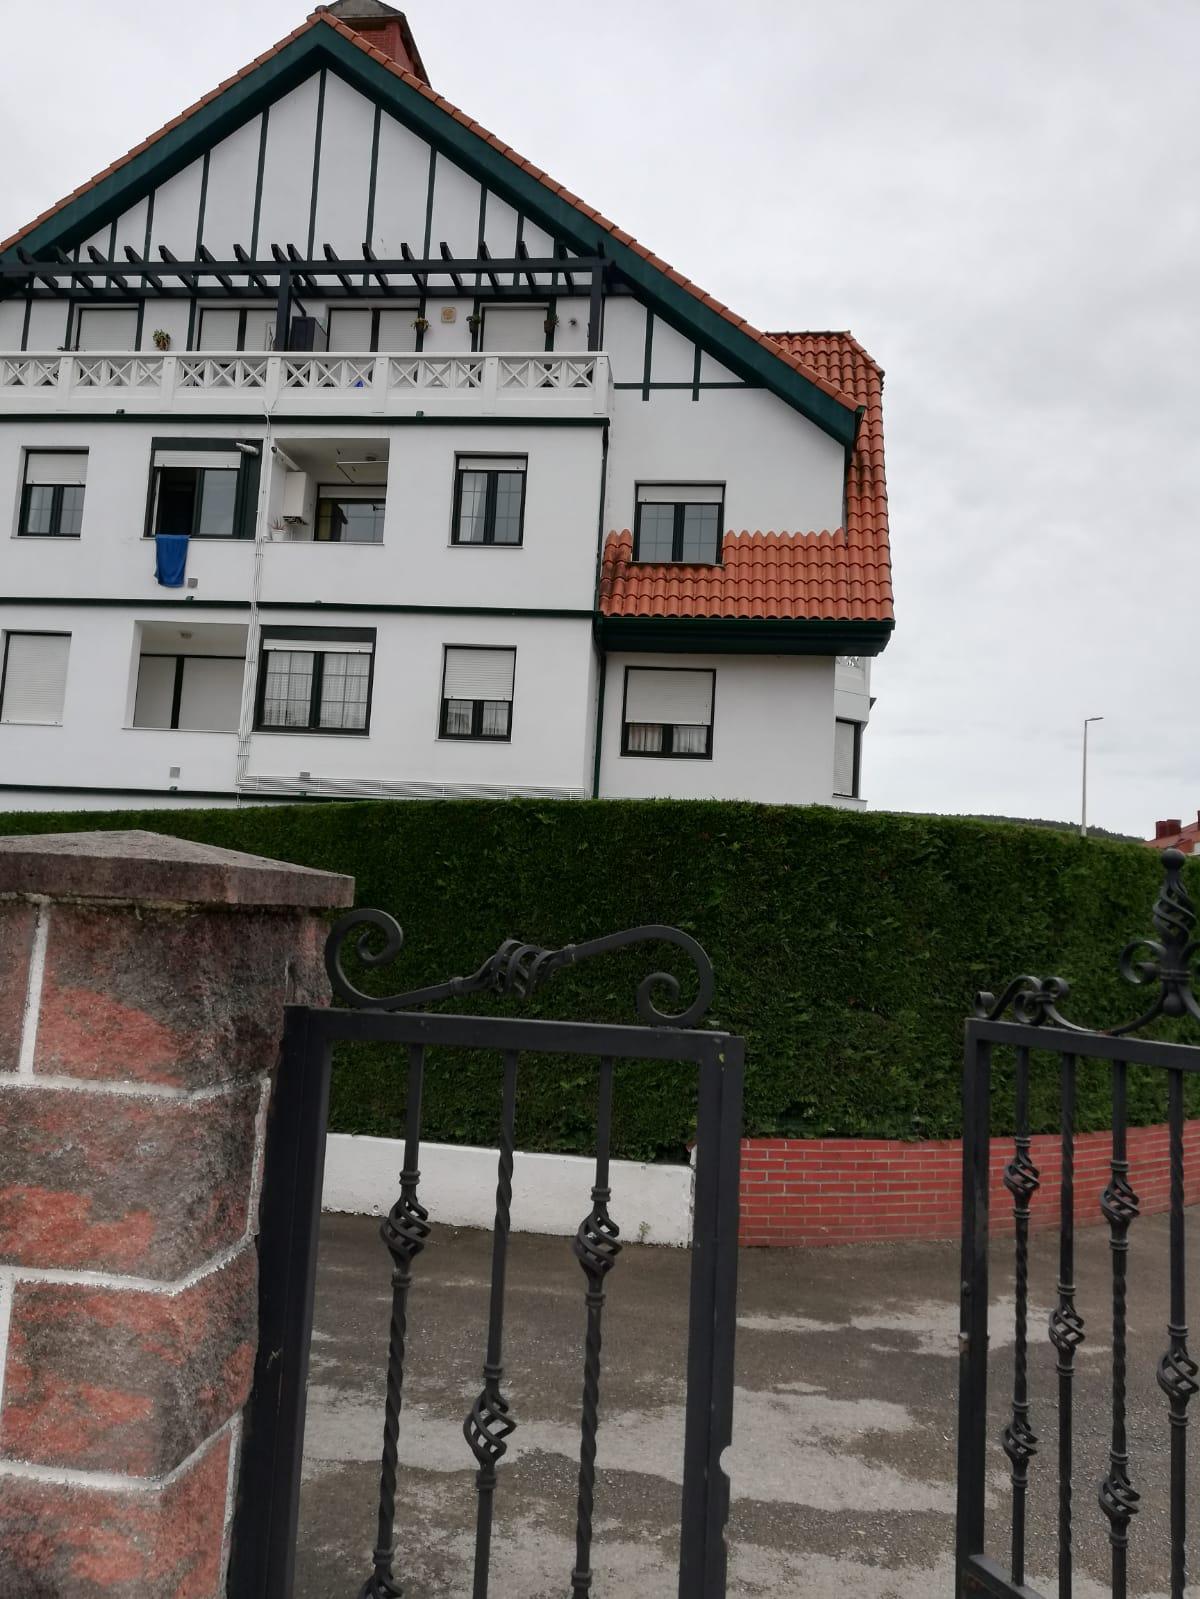 Piso en venta en Barcena de Cicero, Bárcena de Cicero, Cantabria, Barrio Gama, 106.000 €, 2 habitaciones, 2 baños, 73,27 m2